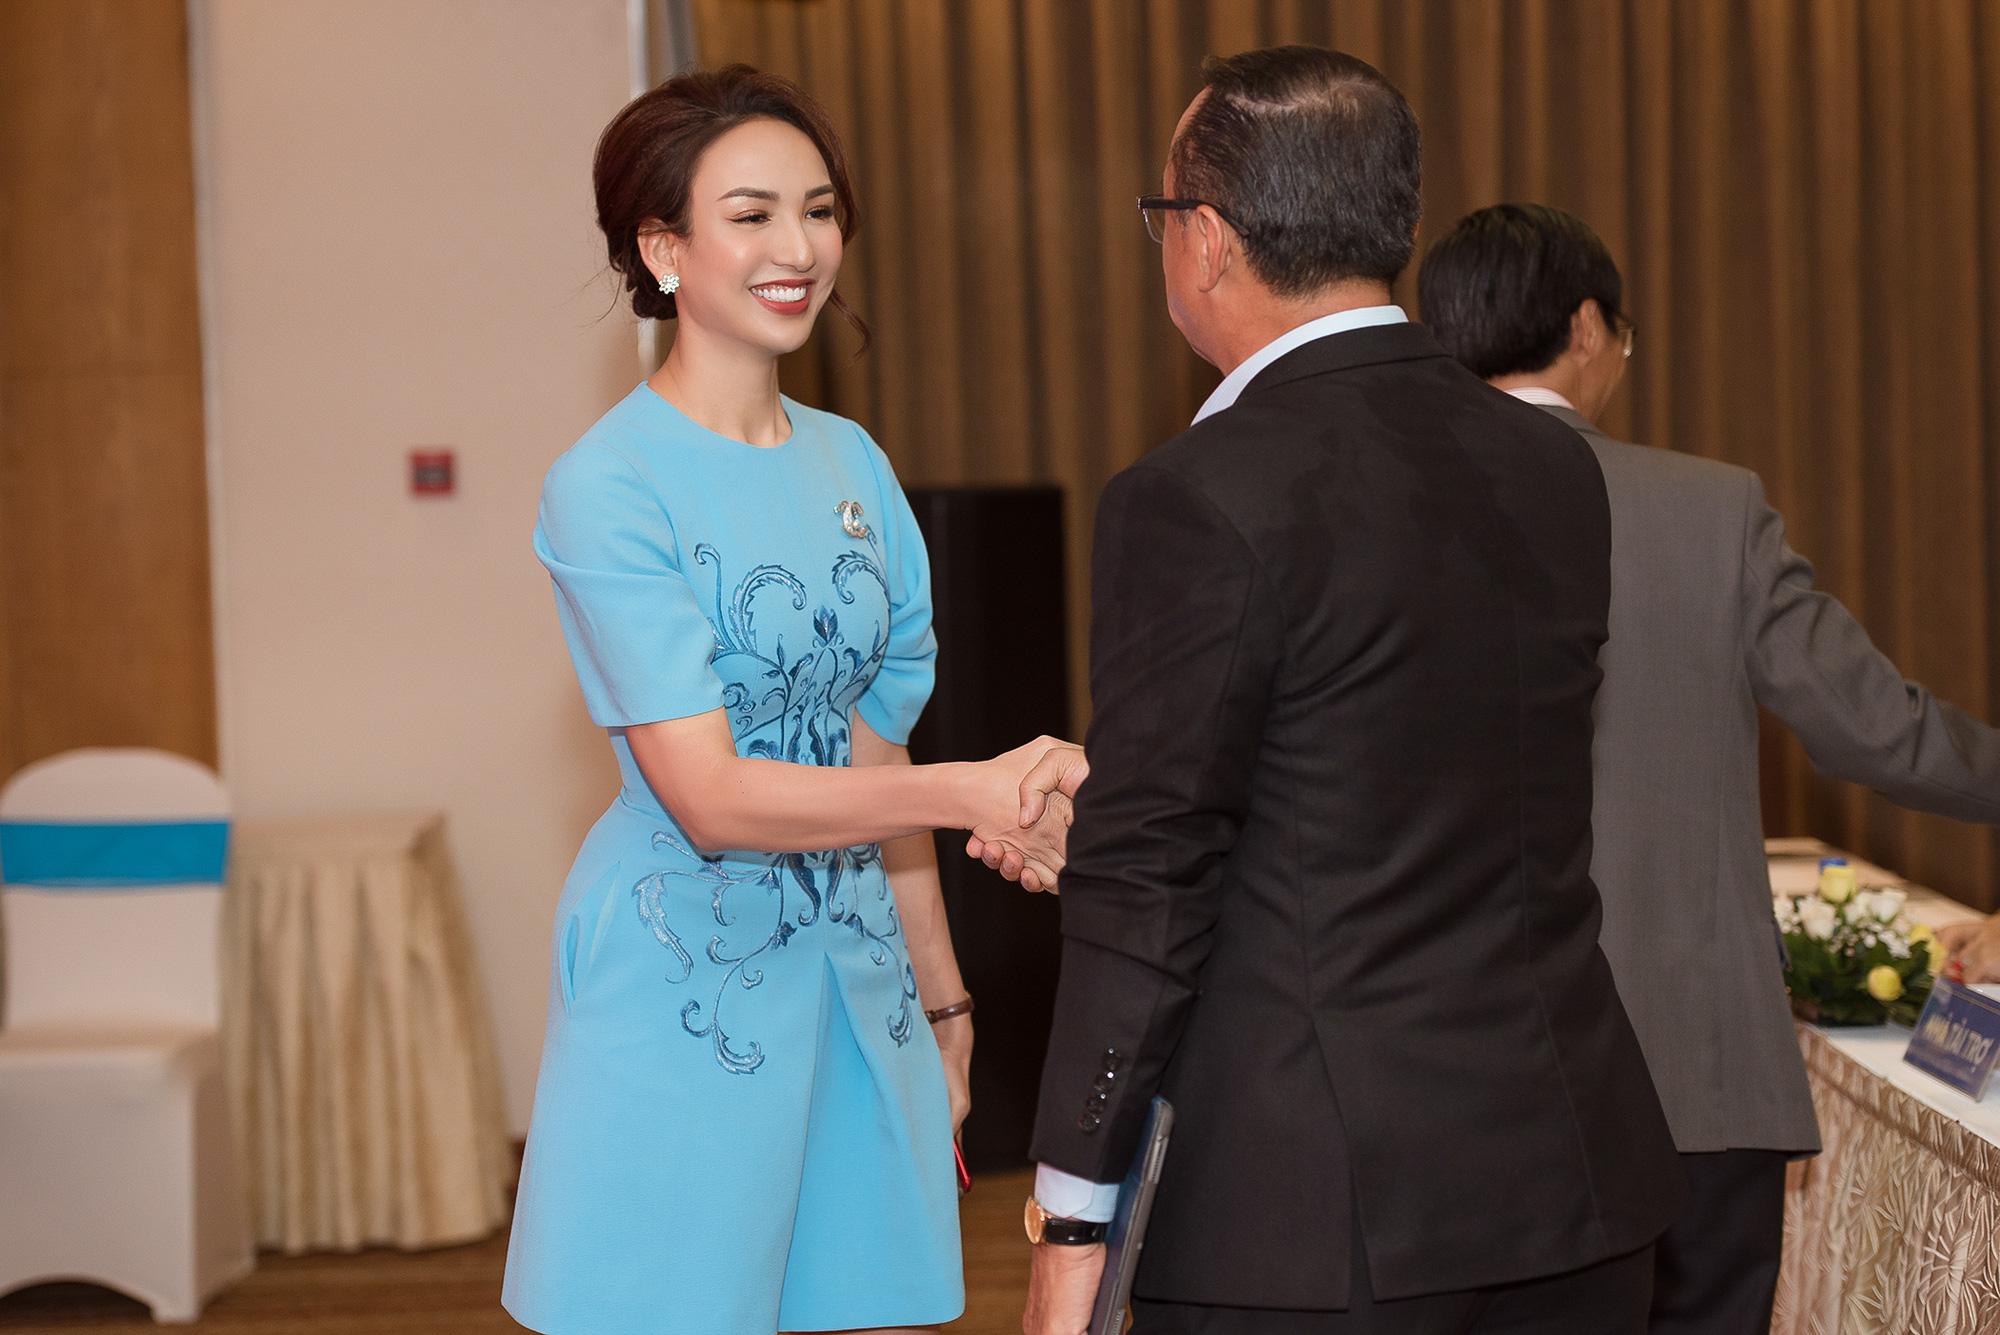 Hoa hậu Ngọc Diễm hội ngộ Dương Triệu Vũ tại Caravan thiện nguyện - Ảnh 4.